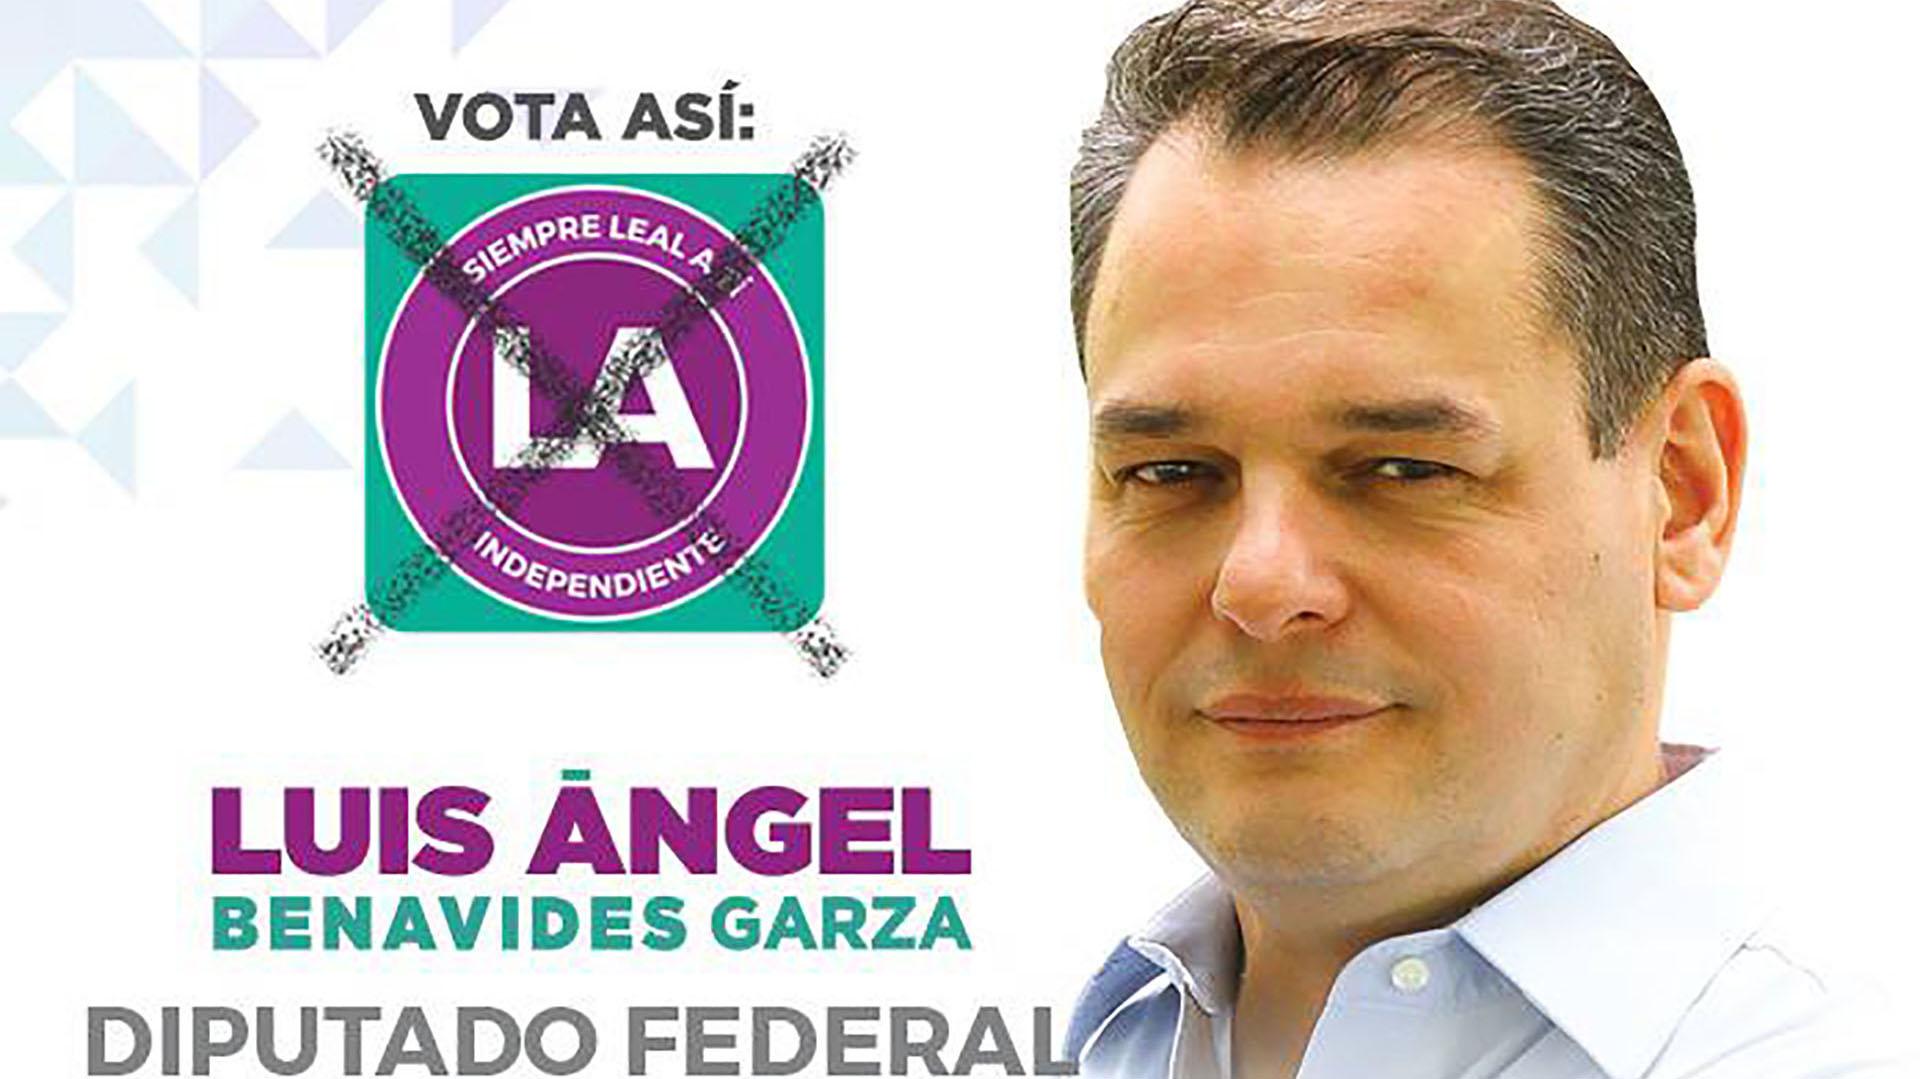 El candidato aspira a llegar a la Cámara de Diputados para proponer cambios a la ley.